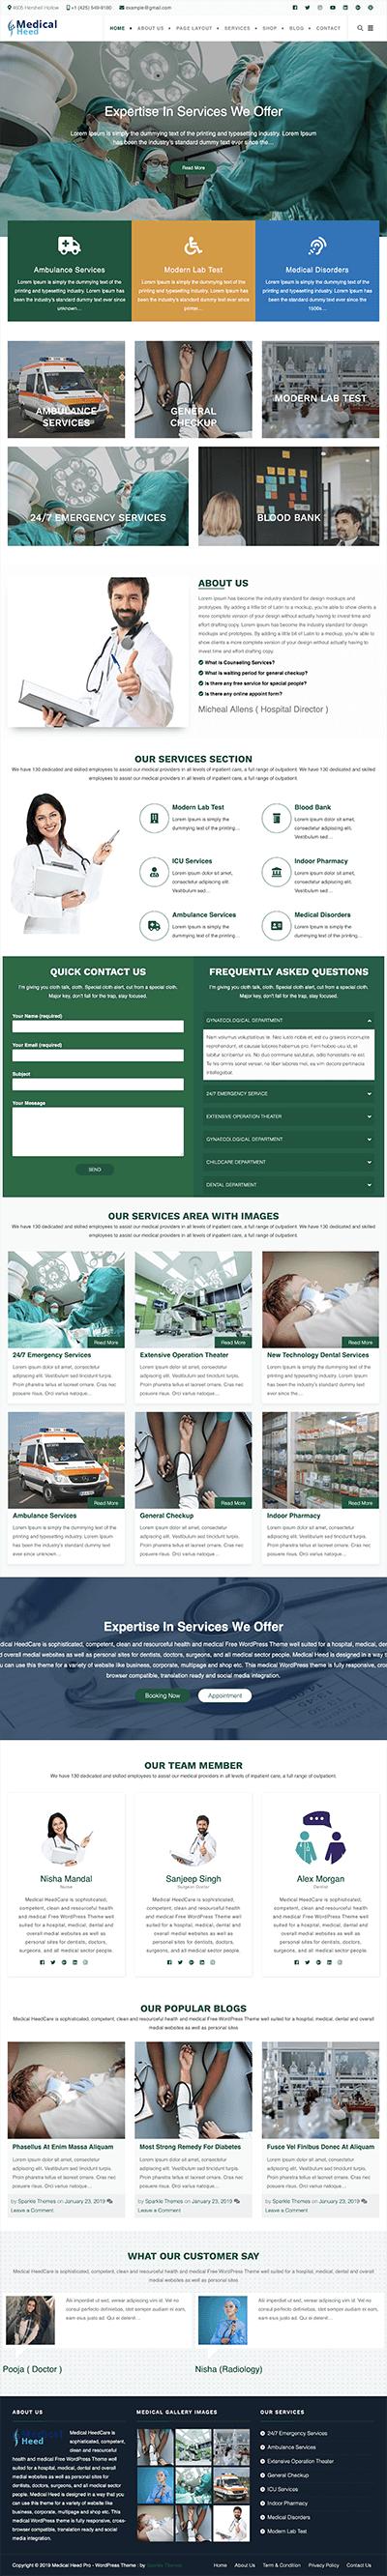 sparkletheme-medicalheedpro